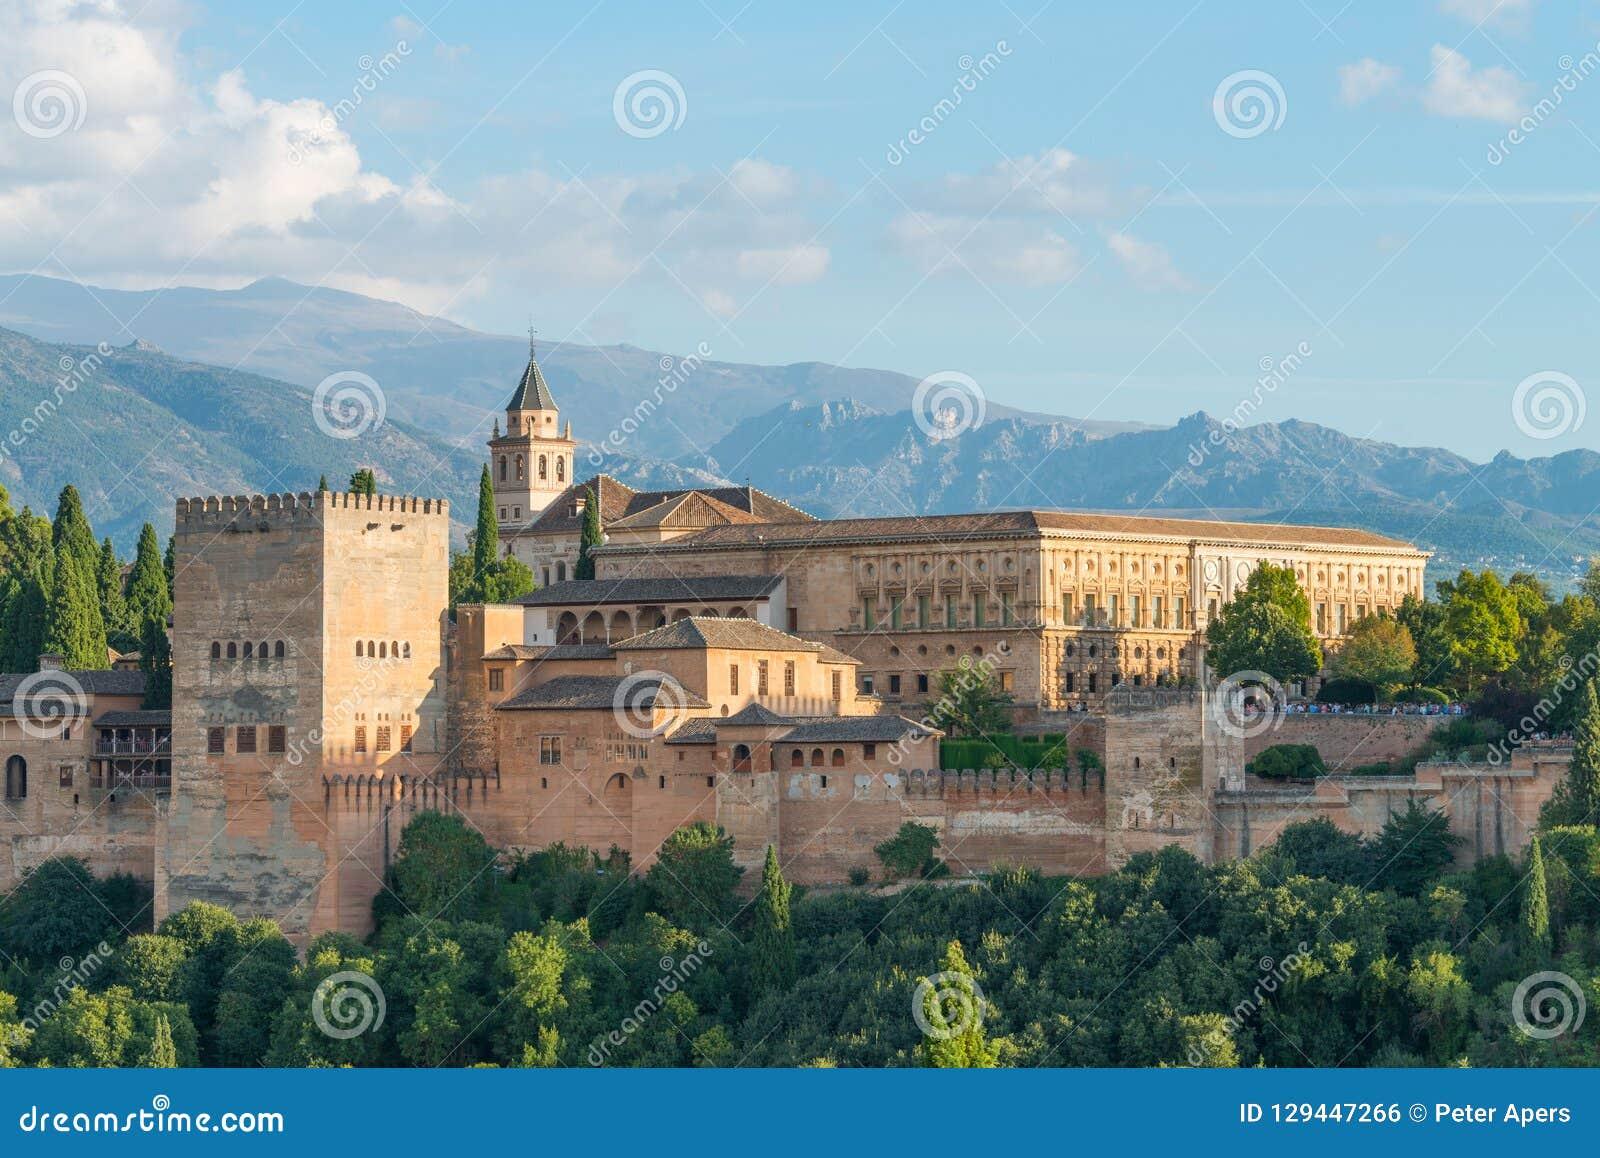 Nasrid Palaces and Palace Charles V, Alhambra, Granada